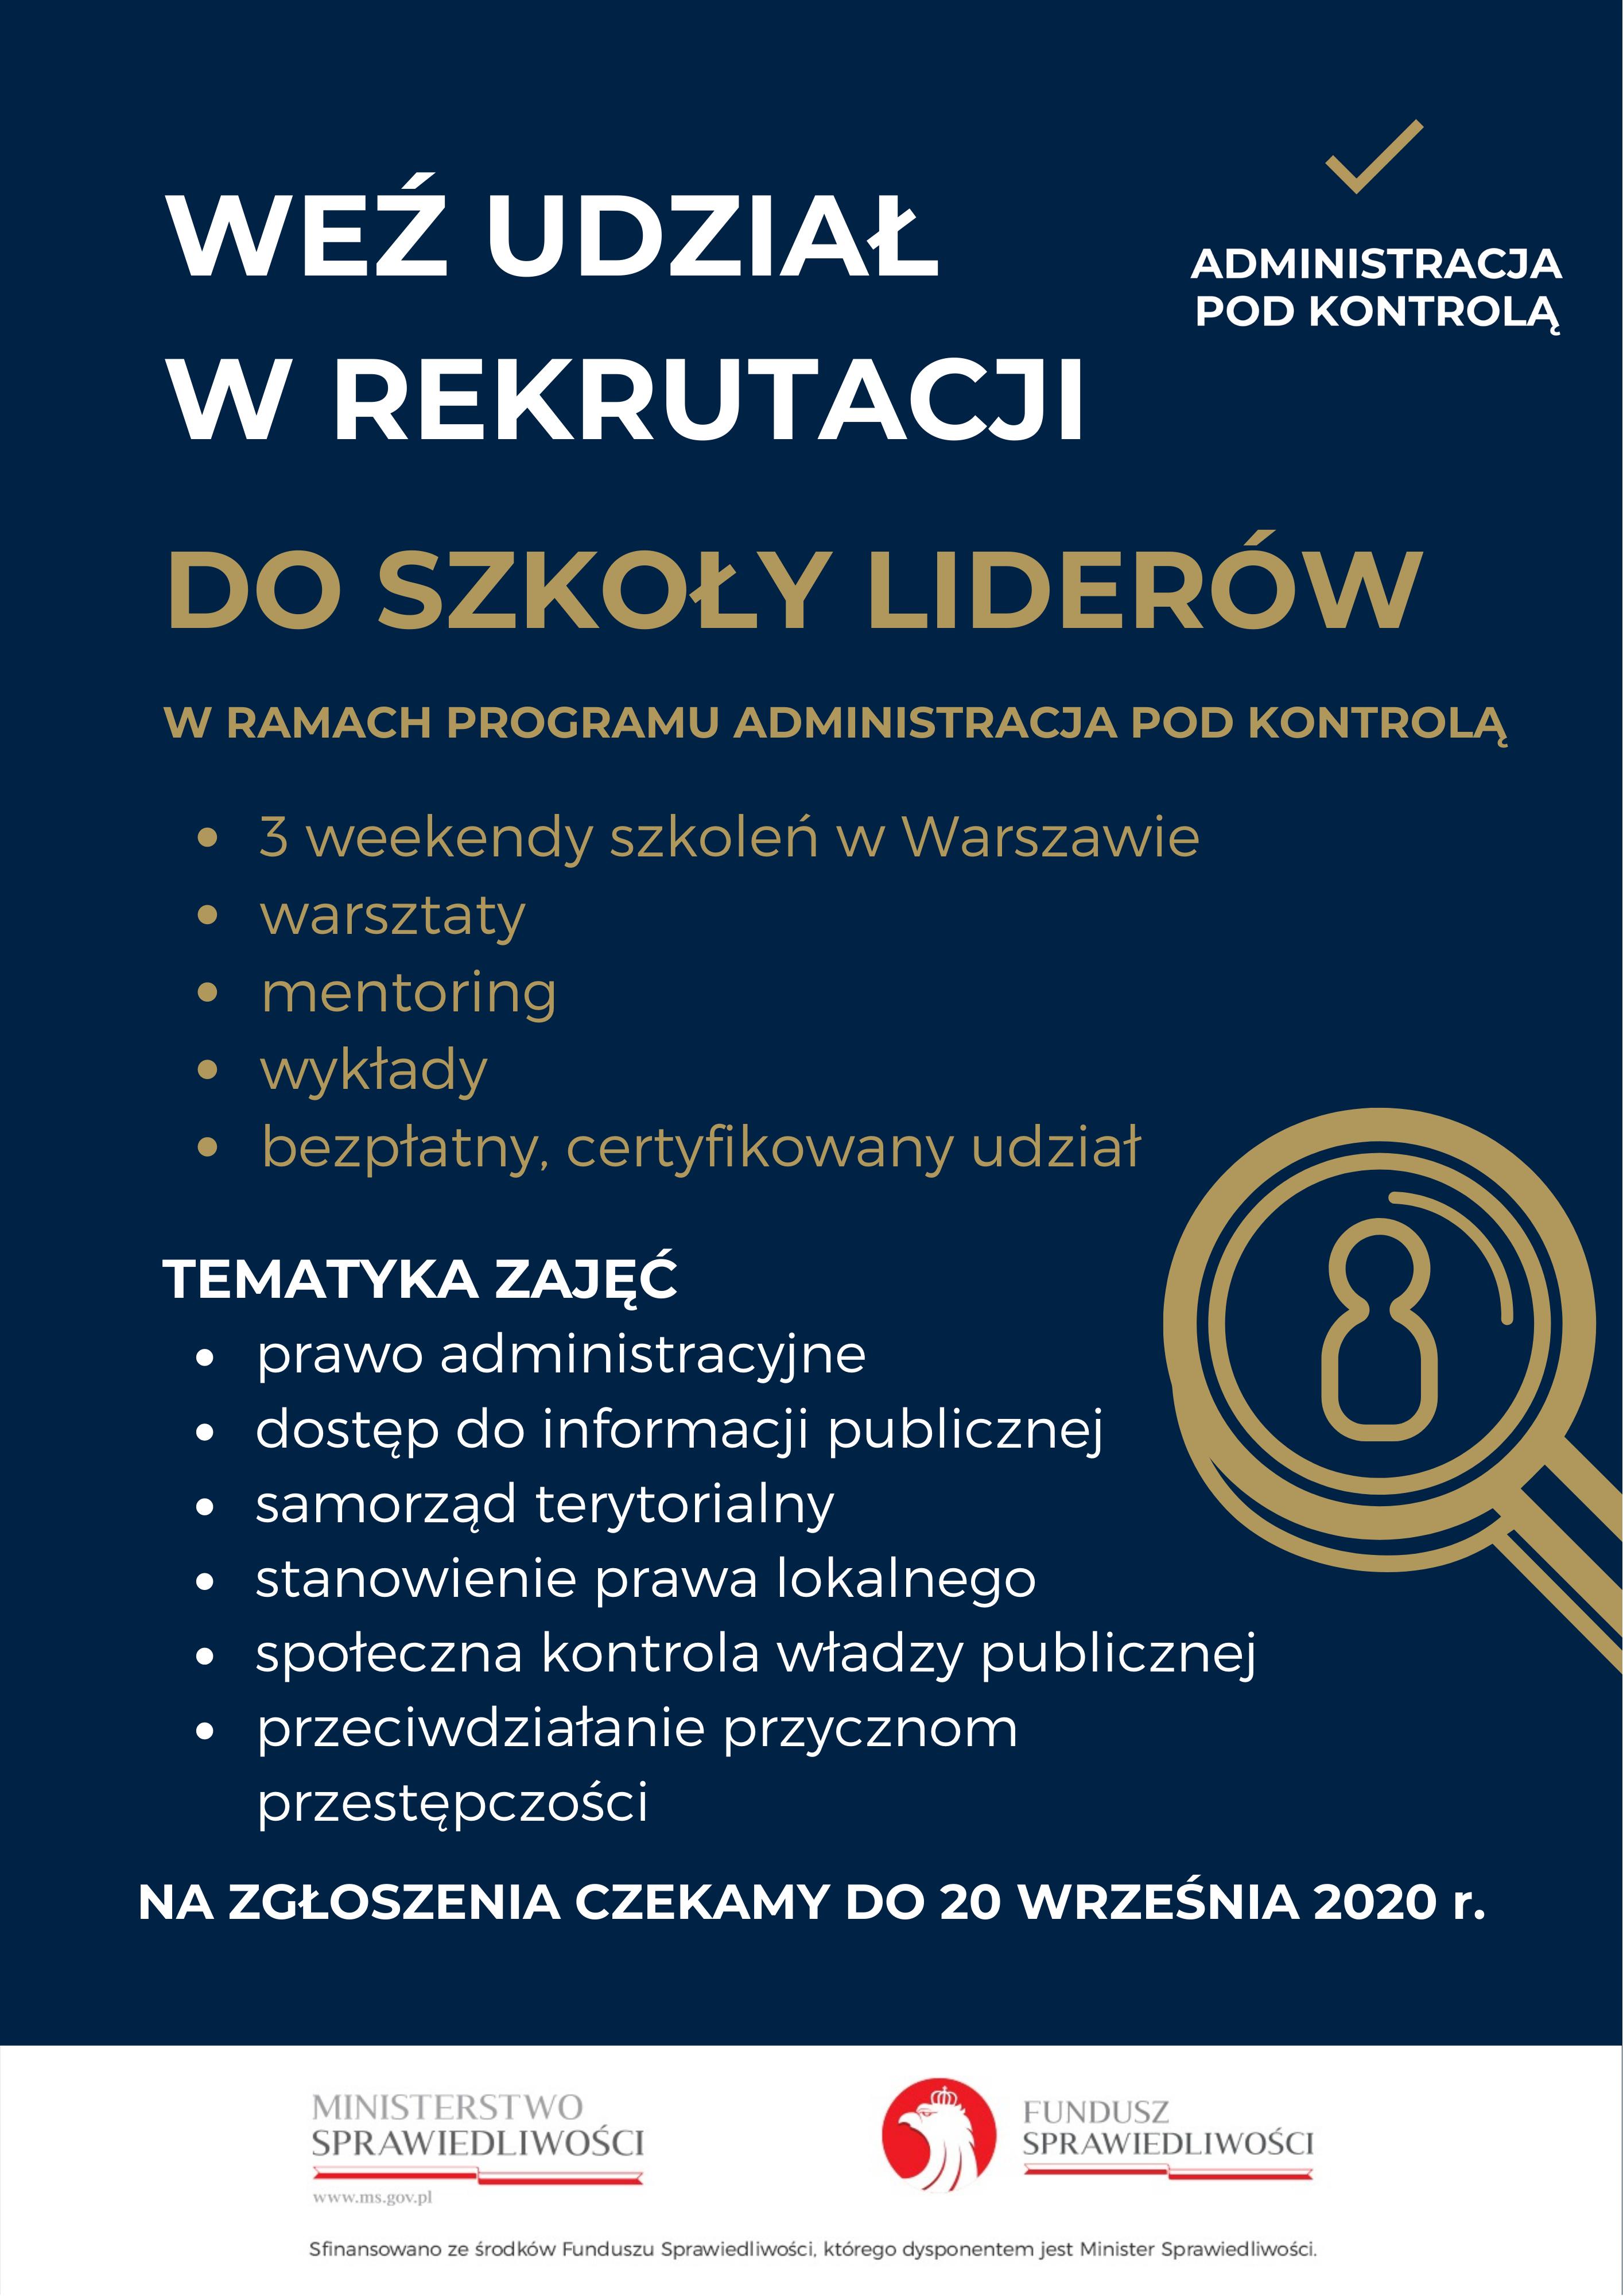 Szkoła Liderów – Administracja pod kontrolą [Warszawskie Seminarium Aksjologii Administracji]